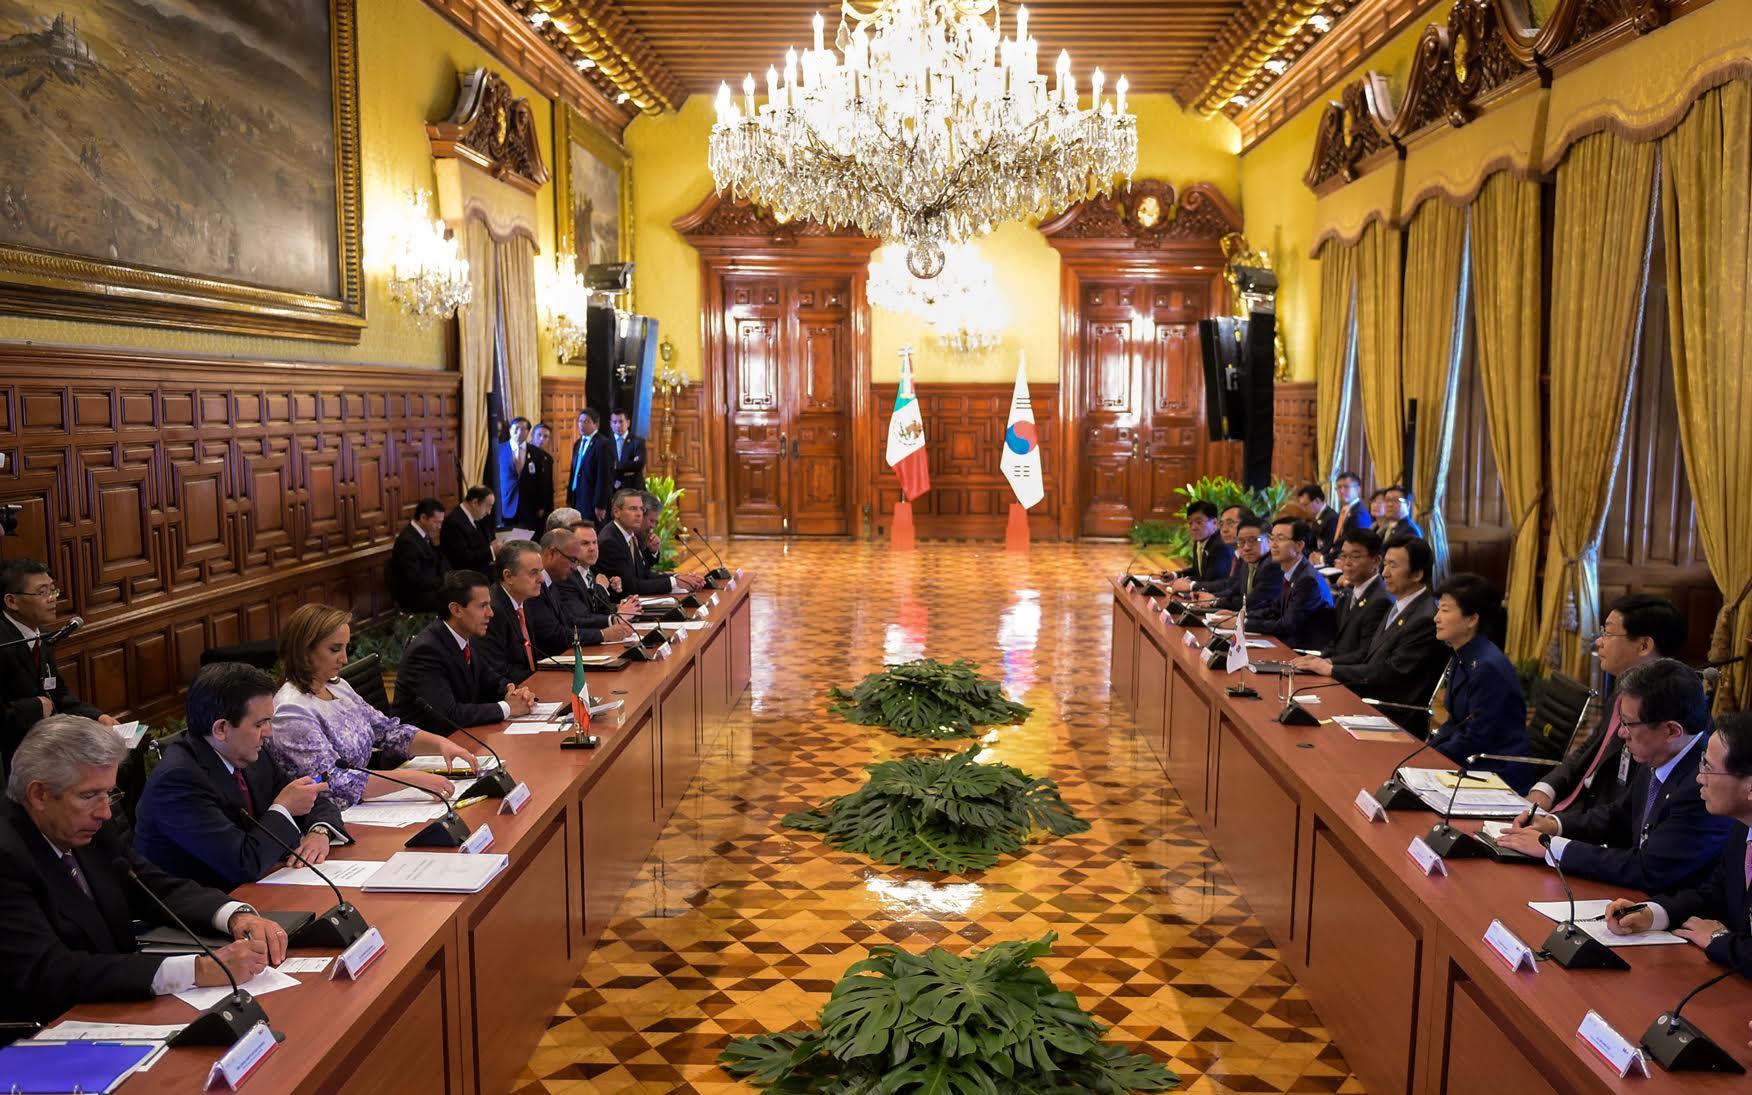 Se acordó sostener reuniones de trabajo, a partir del cuarto trimestre del 2016, para expandir los flujos de comercio e inversión.